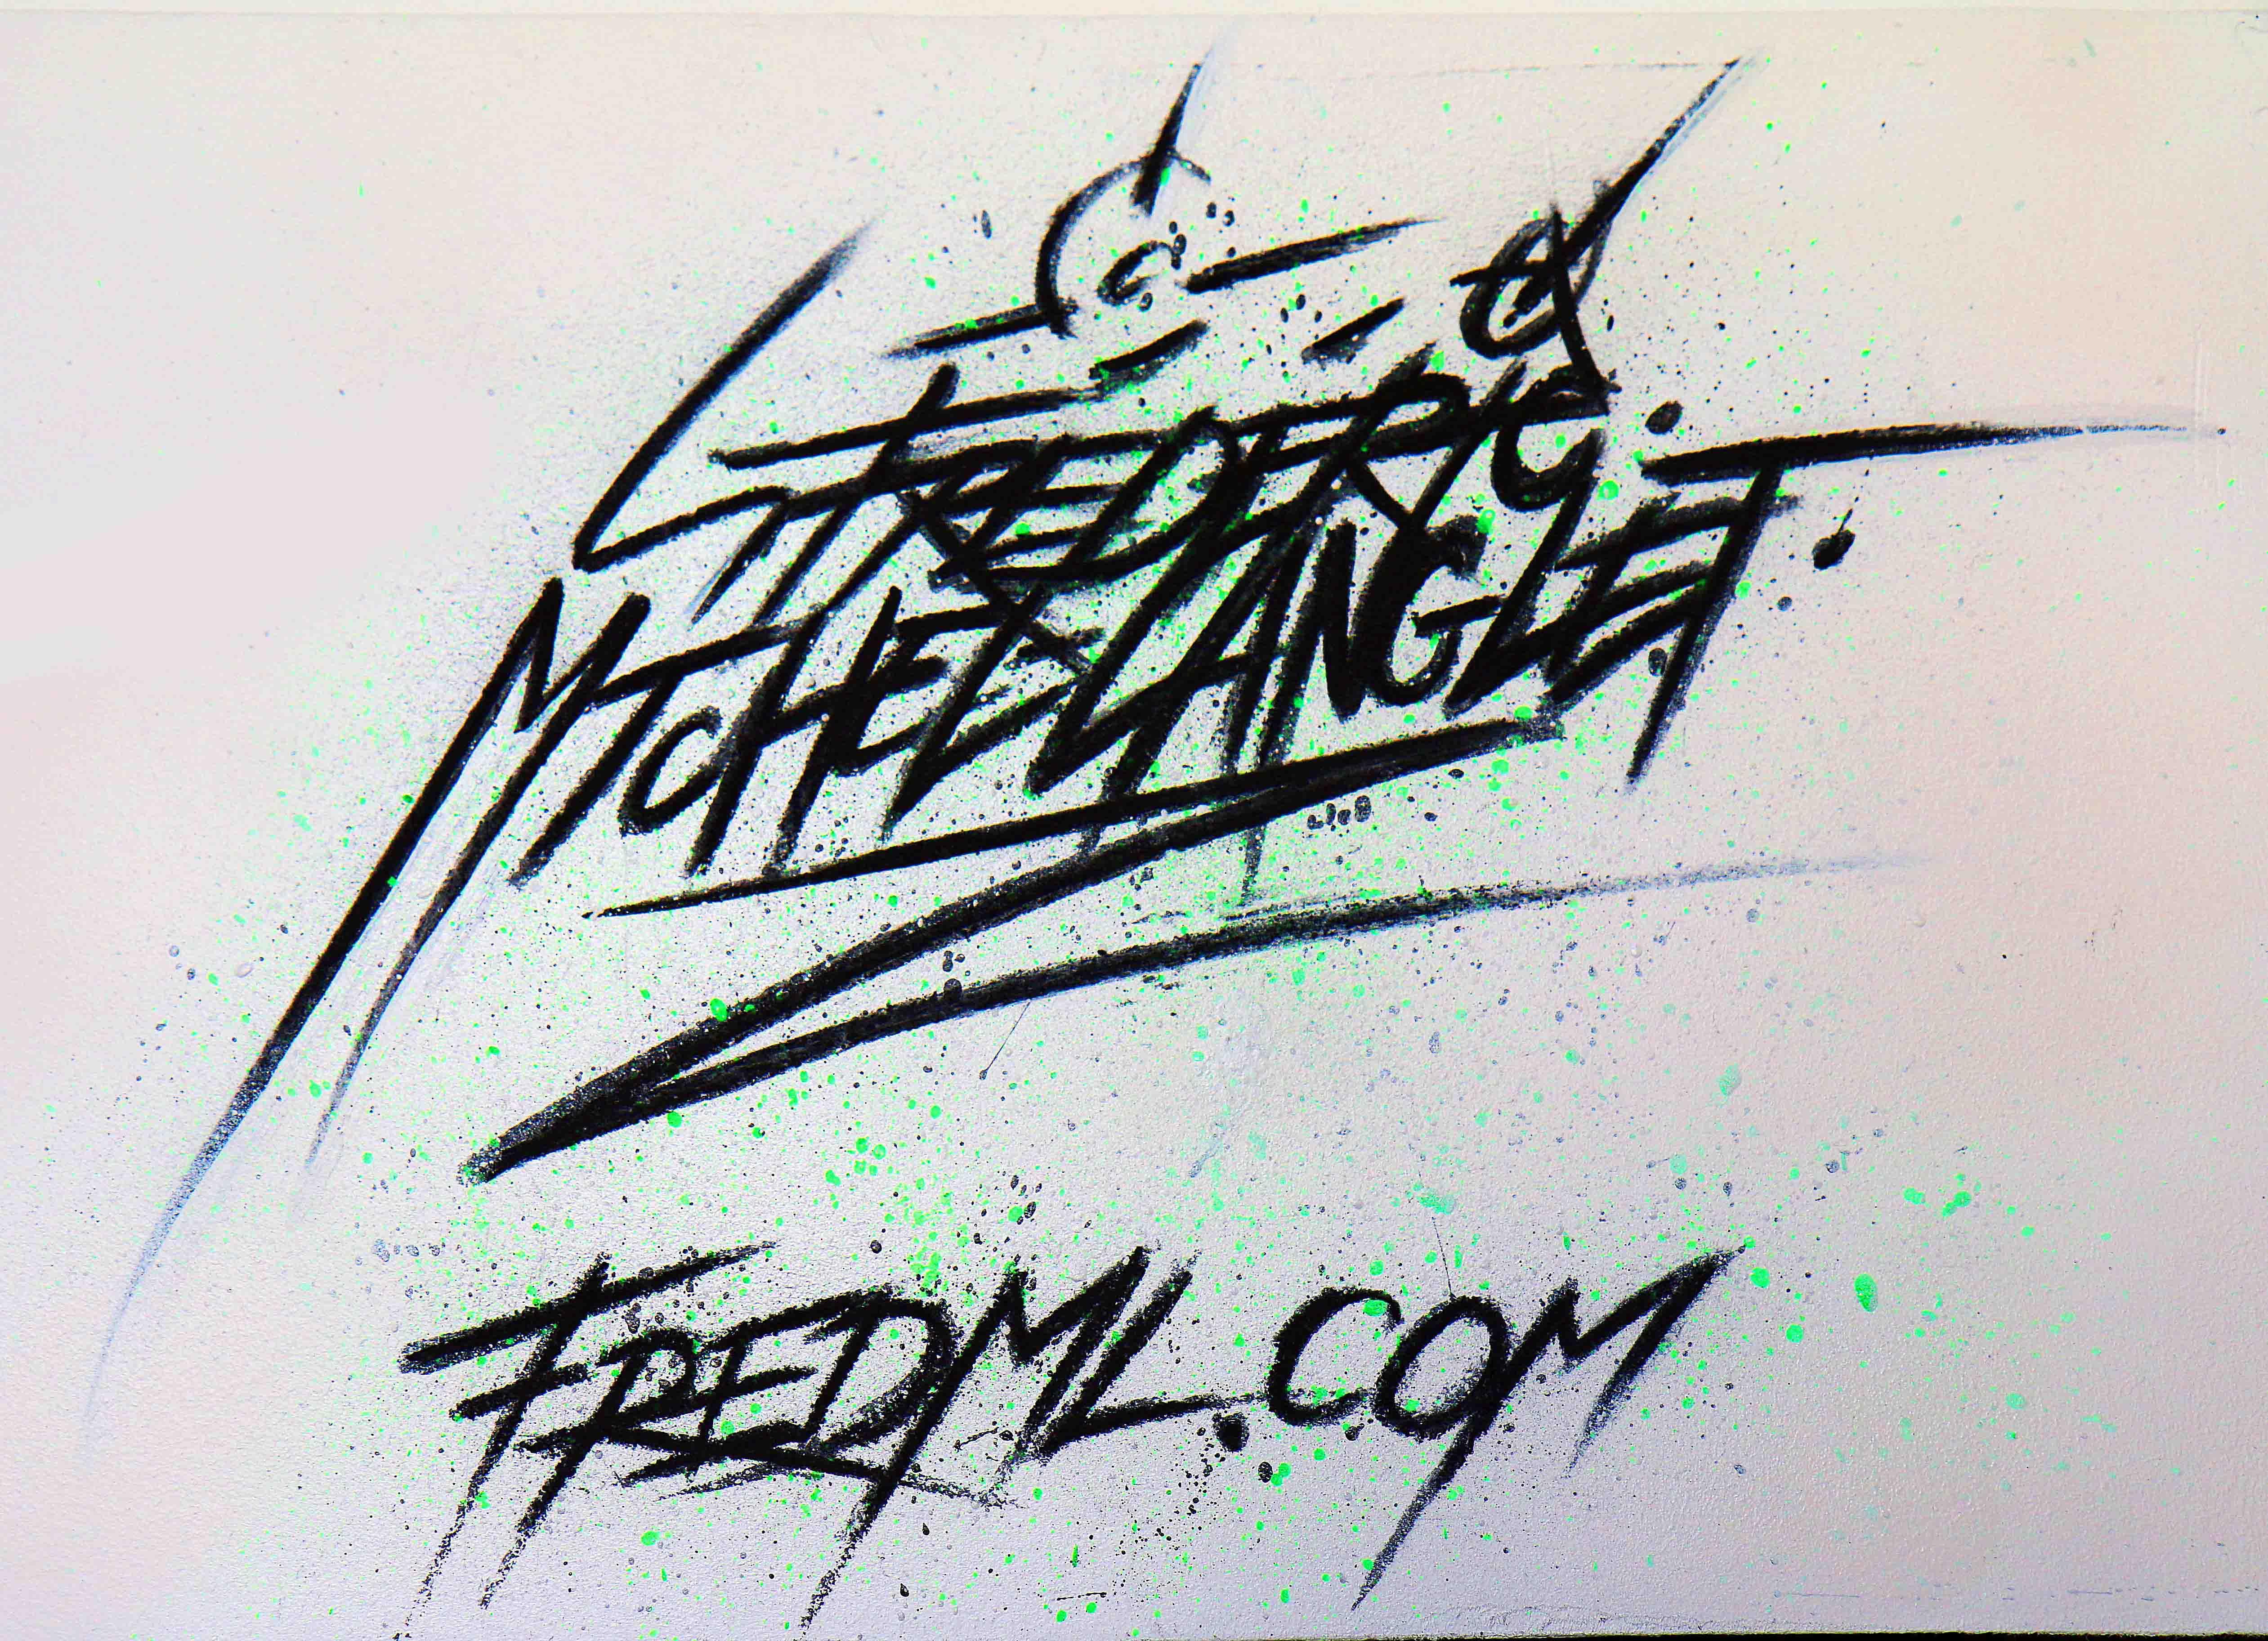 signature frederic michel langlet fredml.com réalisée à compiegne chez autoperformance60